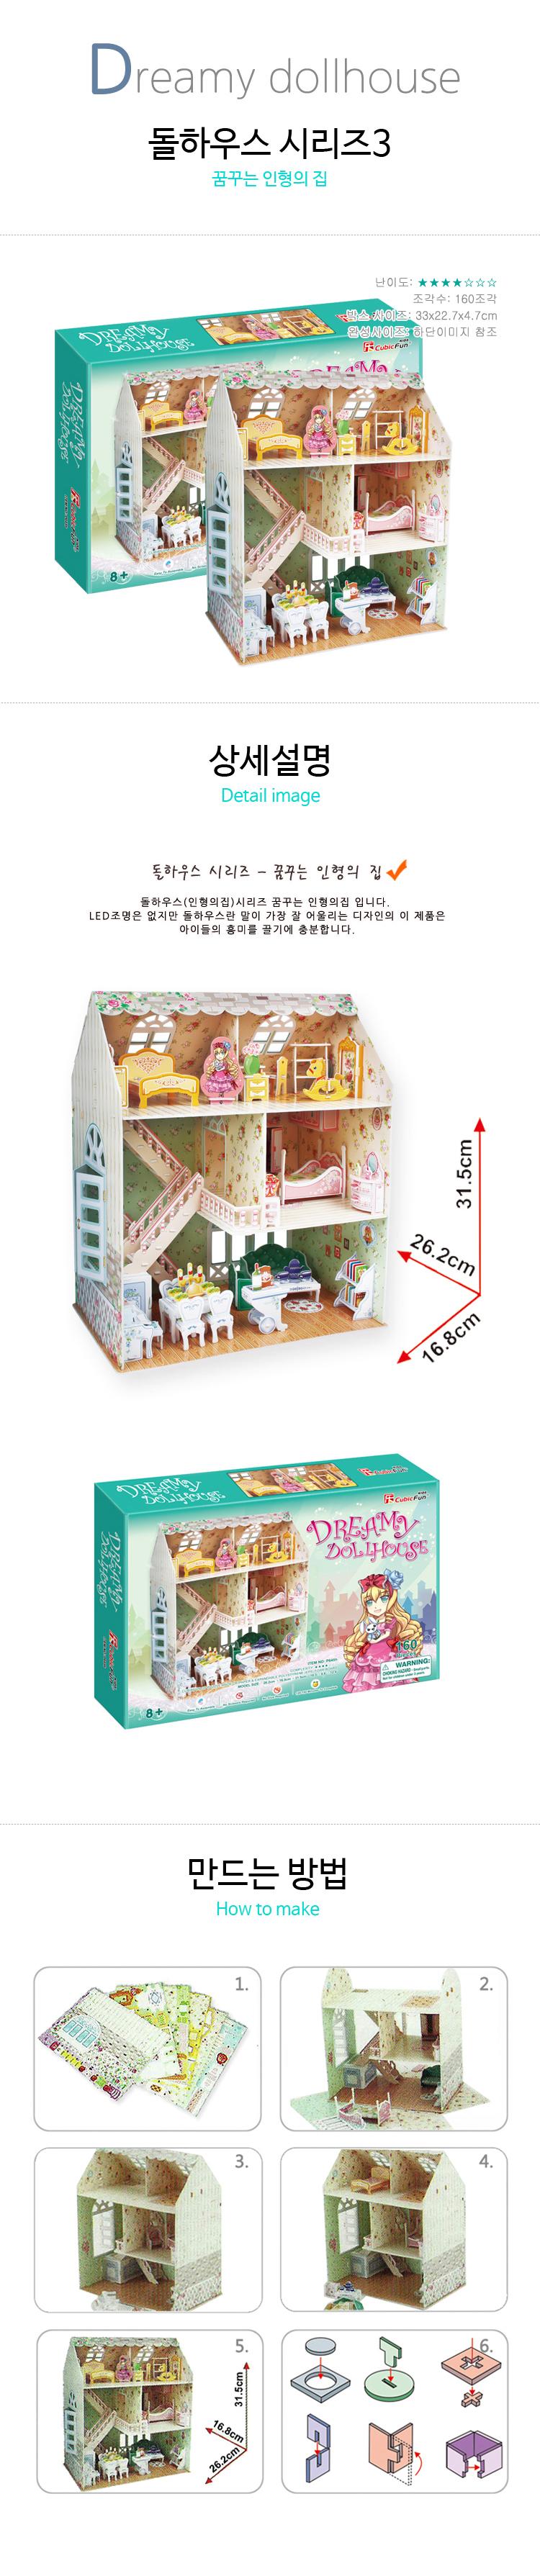 큐빅펀 3D퍼즐 꿈꾸는 인형의 집18,000원-큐빅펀키덜트/취미, 블록/퍼즐, 조각/퍼즐, 3D입체퍼즐바보사랑큐빅펀 3D퍼즐 꿈꾸는 인형의 집18,000원-큐빅펀키덜트/취미, 블록/퍼즐, 조각/퍼즐, 3D입체퍼즐바보사랑